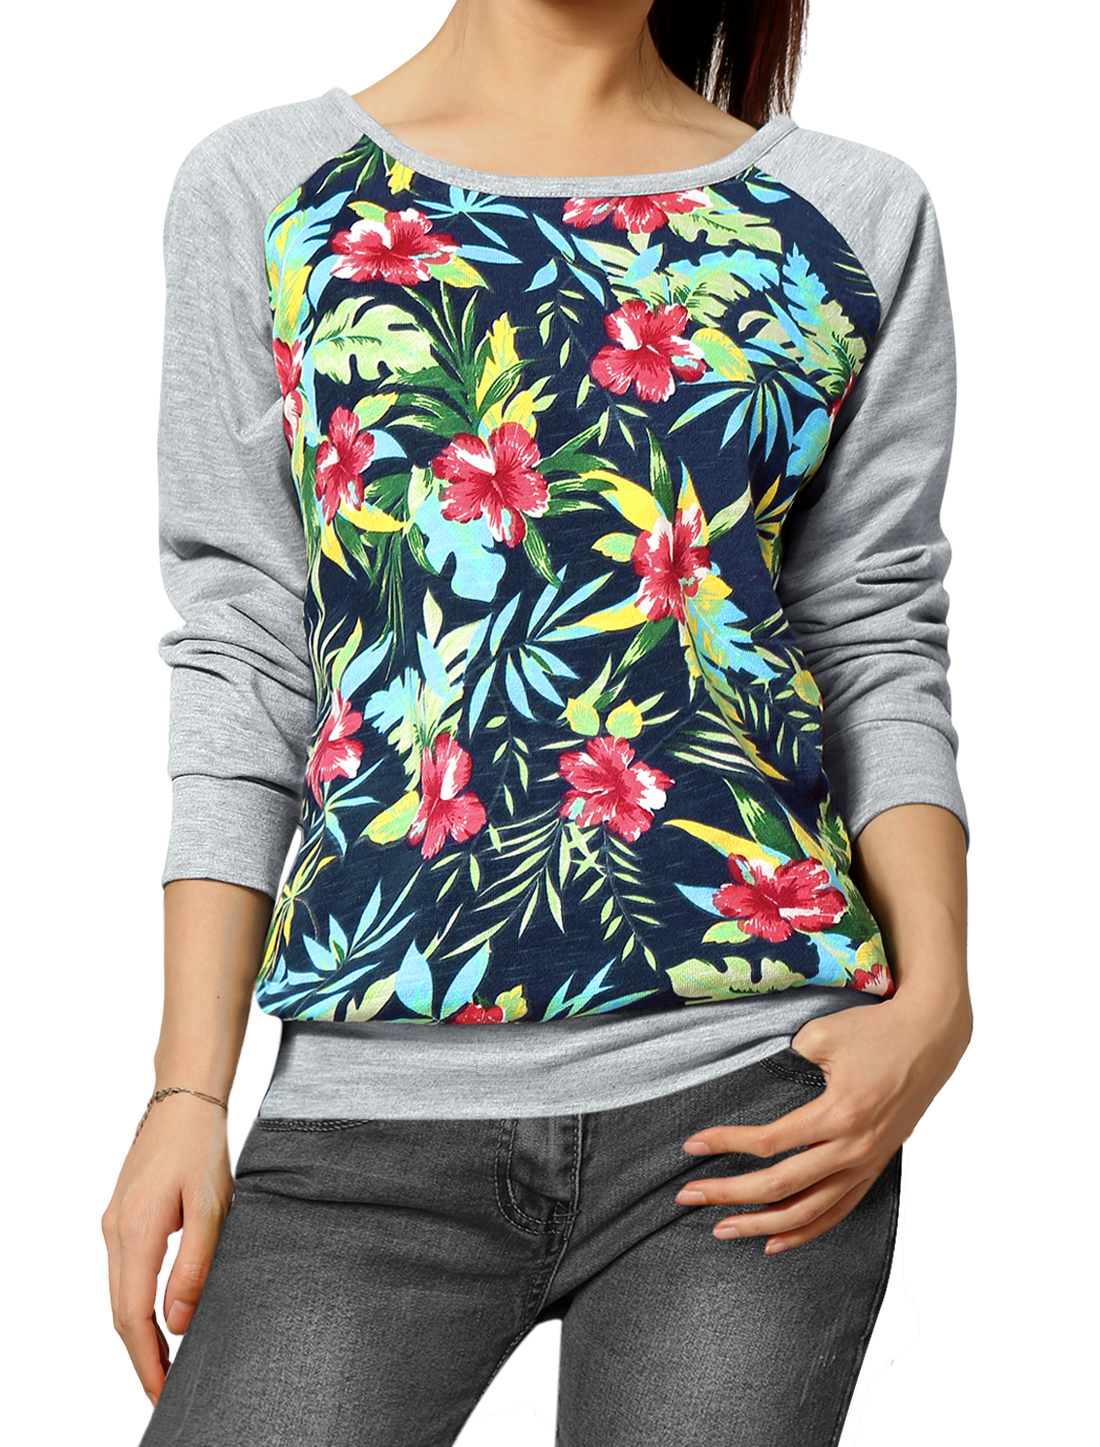 Allegra K Ladies Floral Raglan Sleeves Color Block Sweatshirt Gray Navy Blue S